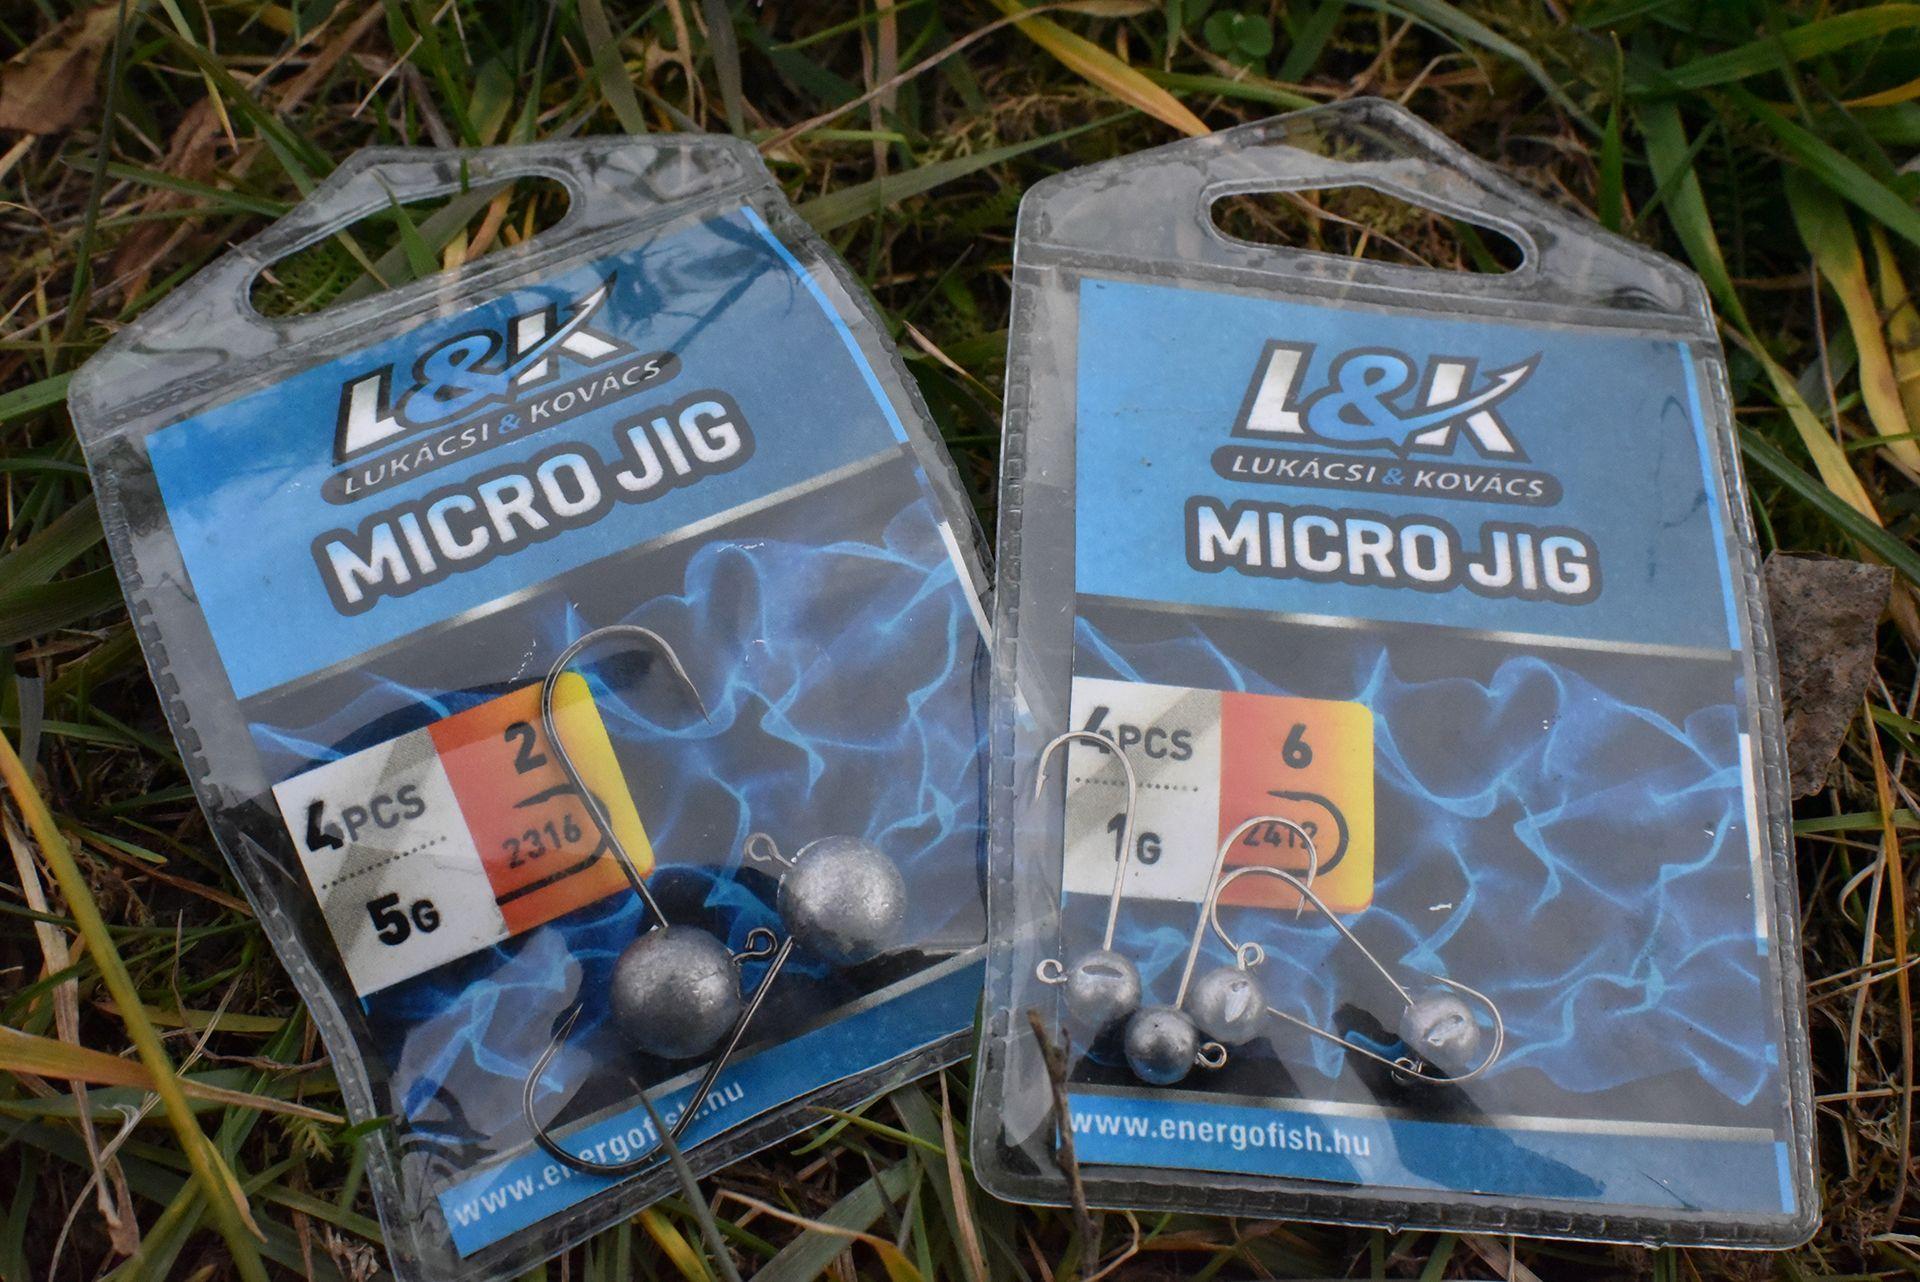 Fényes és fekete kivitelben is kaphatóak az L&K Micro Jig horgai